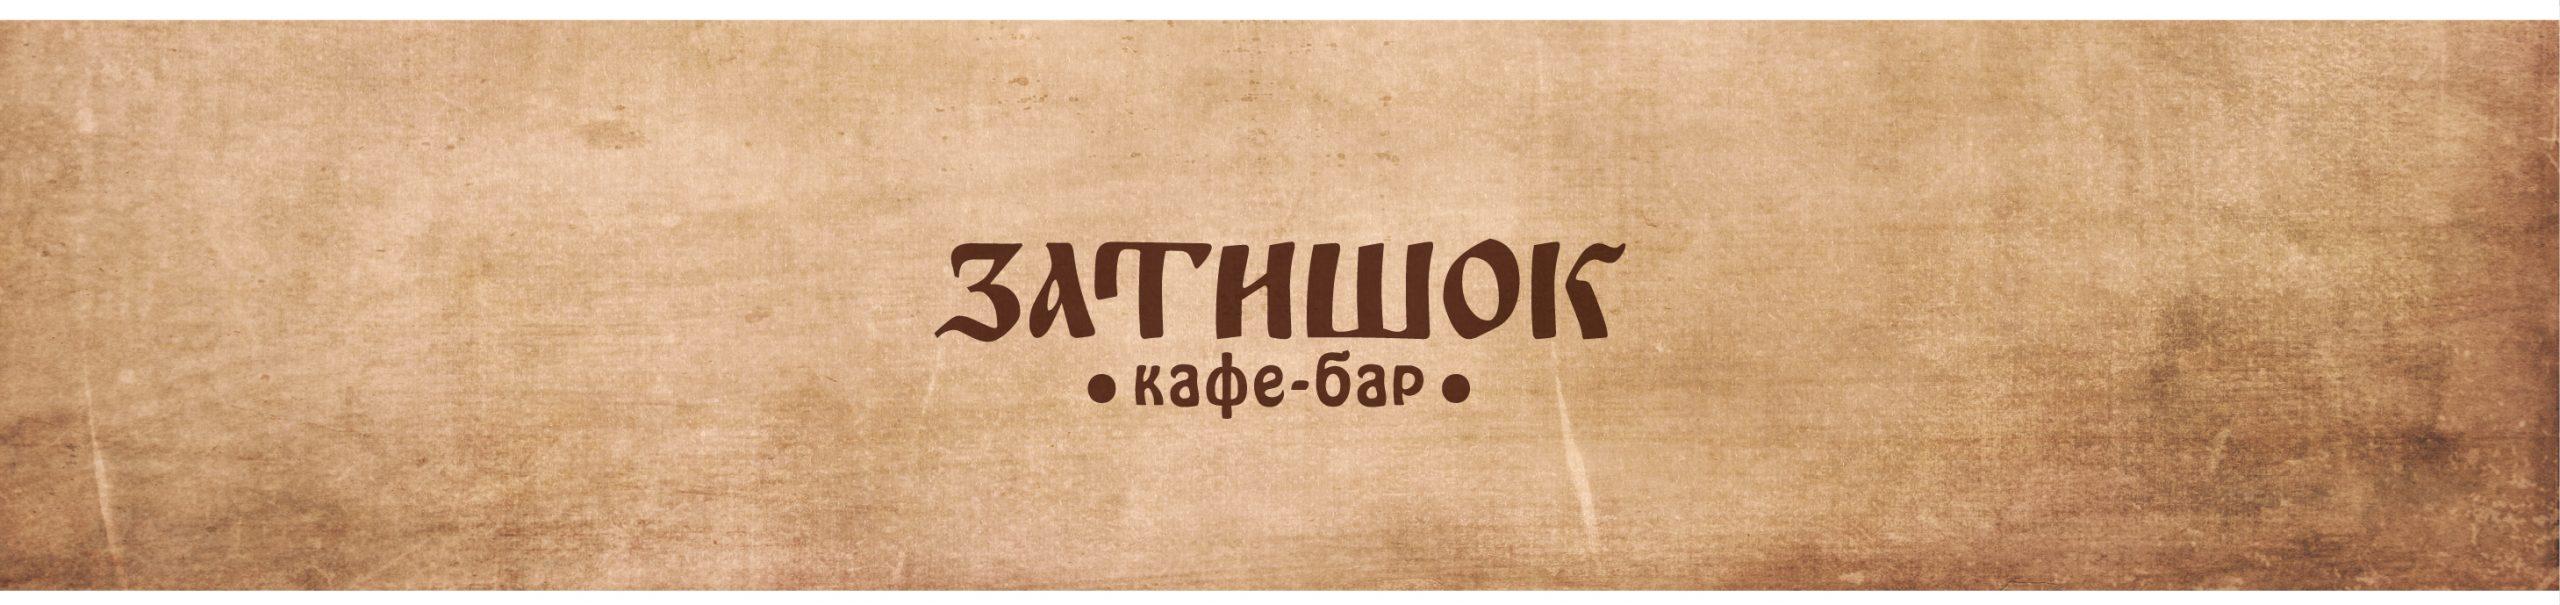 Zatishok